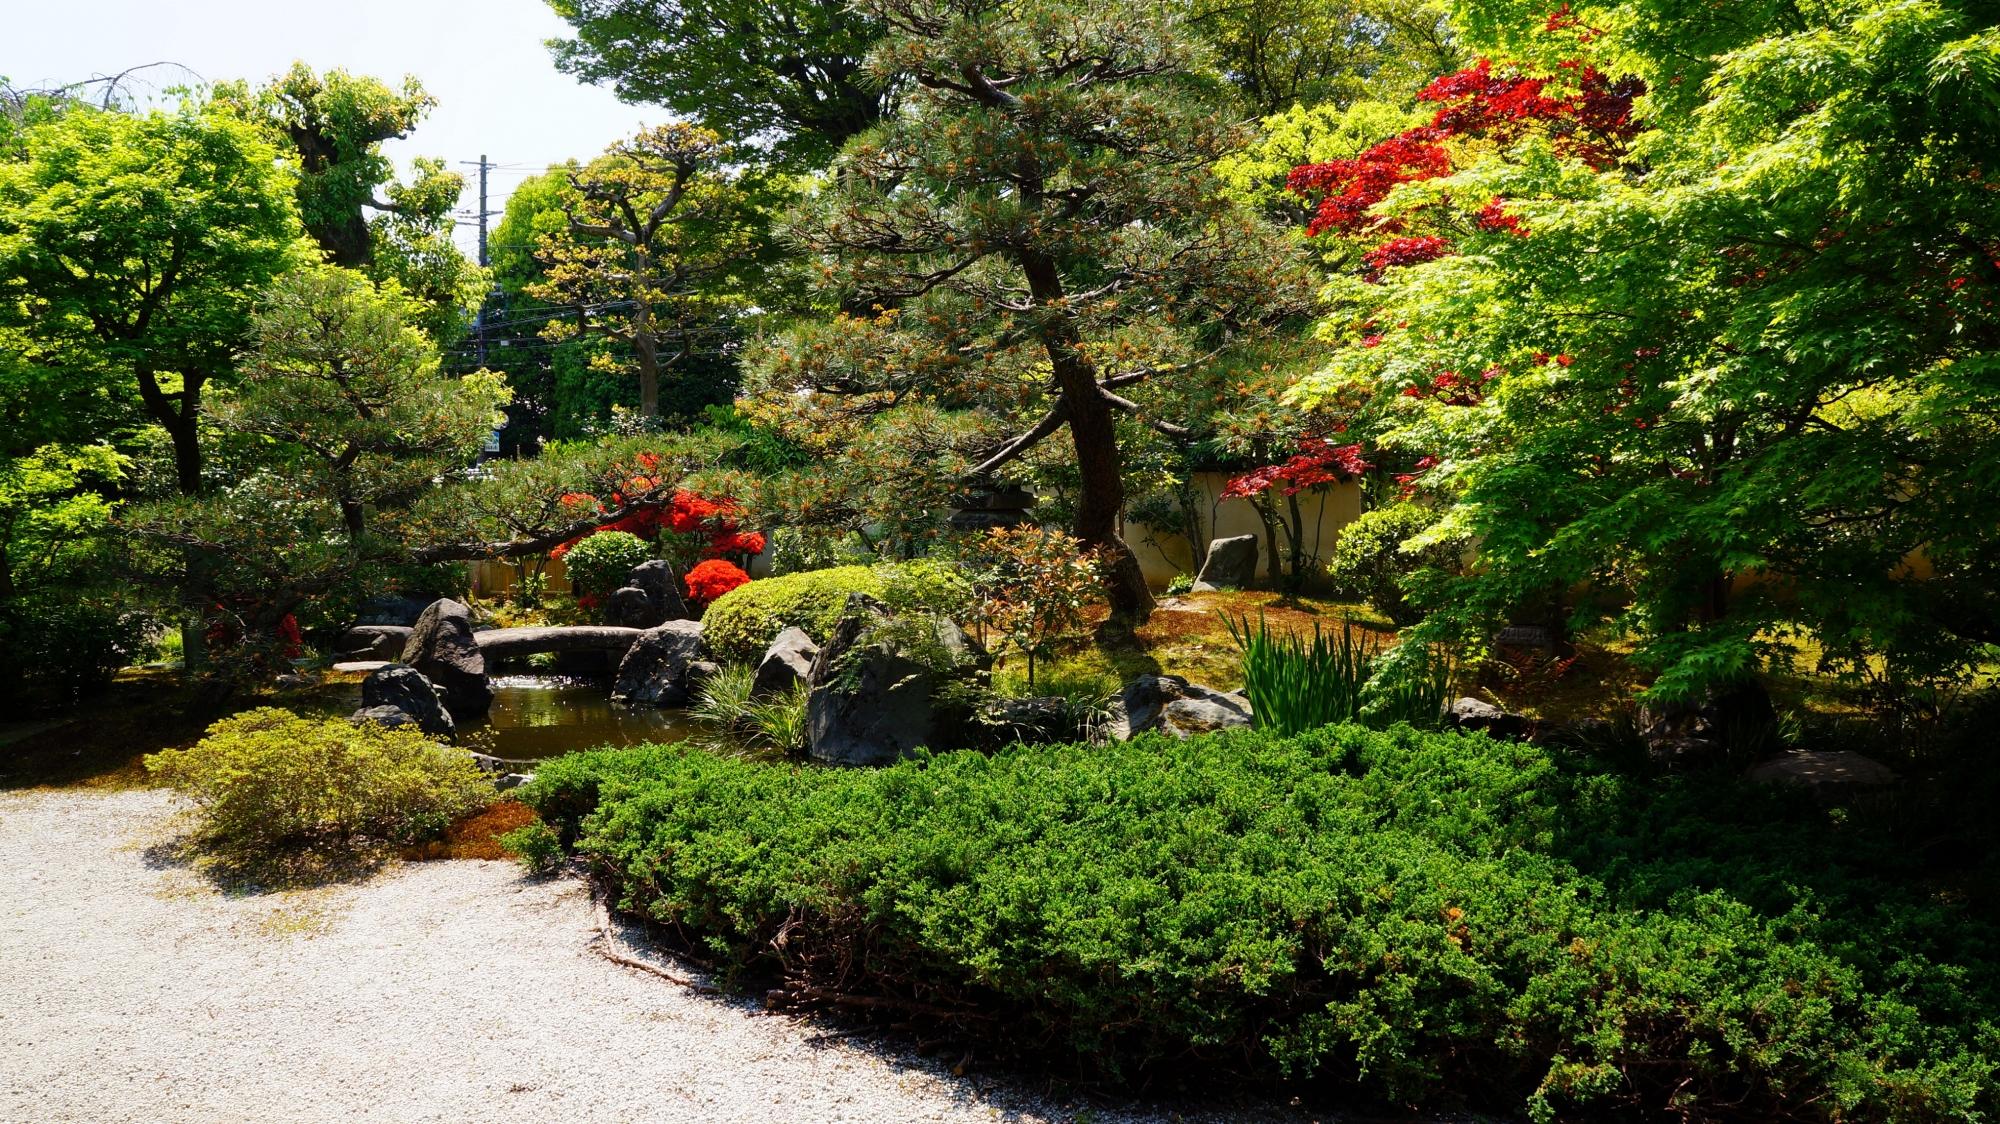 正伝永源院の多種多様な緑や植物と立派なハイビャクシン